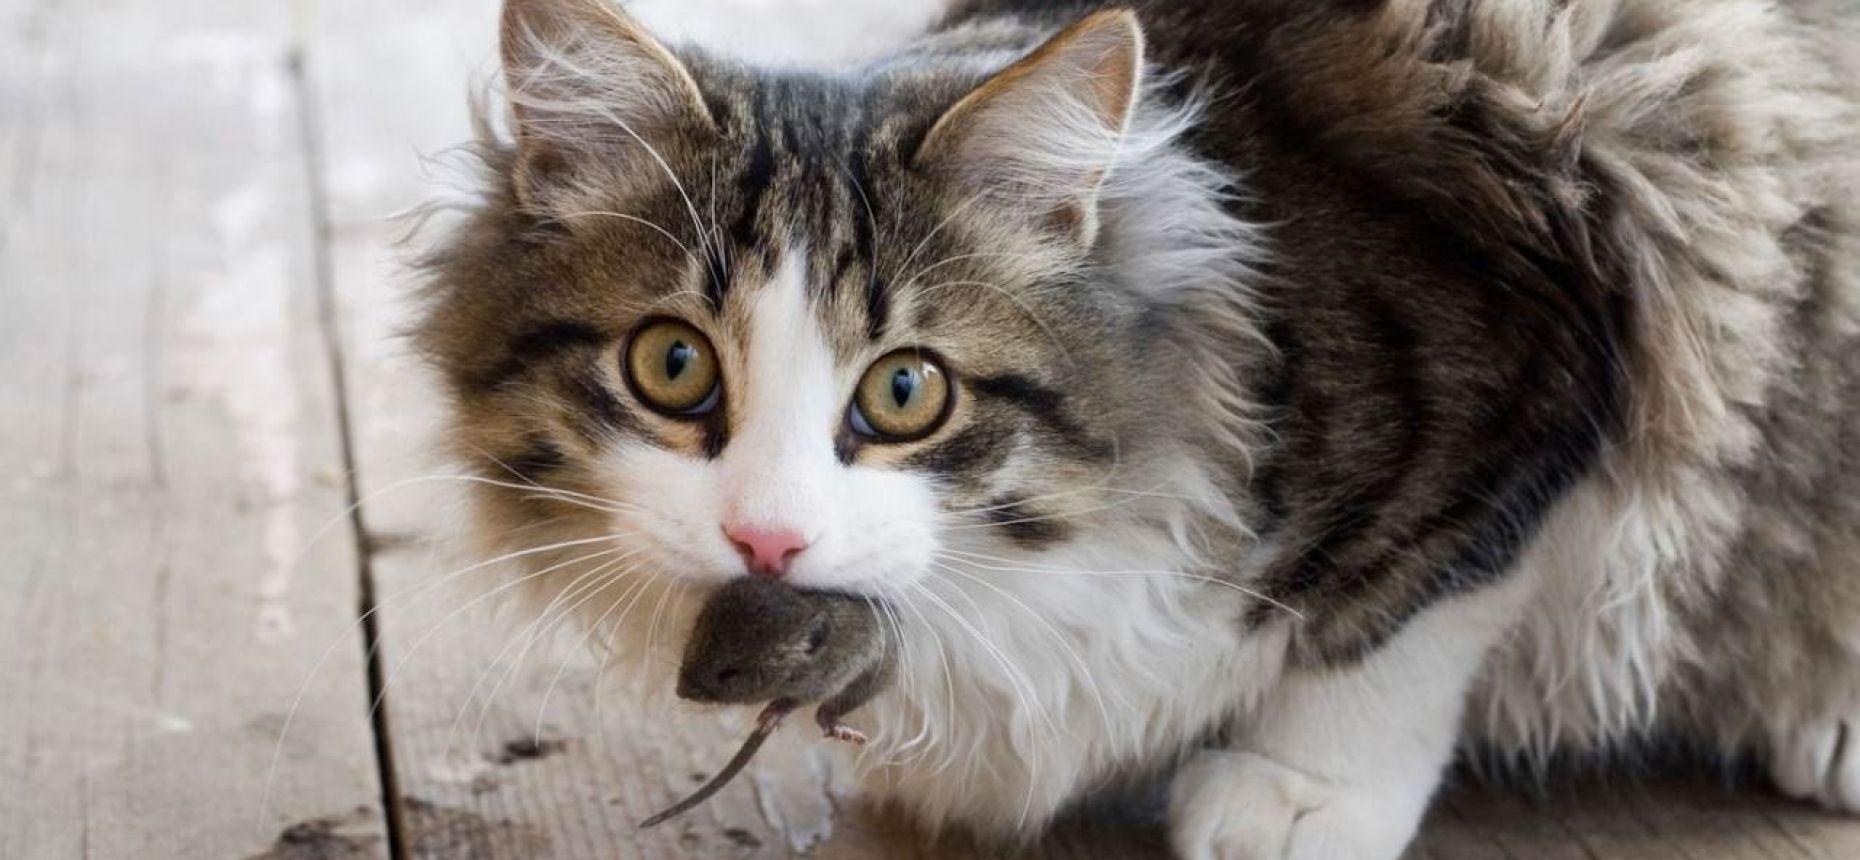 Кошки являются одной из главных угроз дикой природе